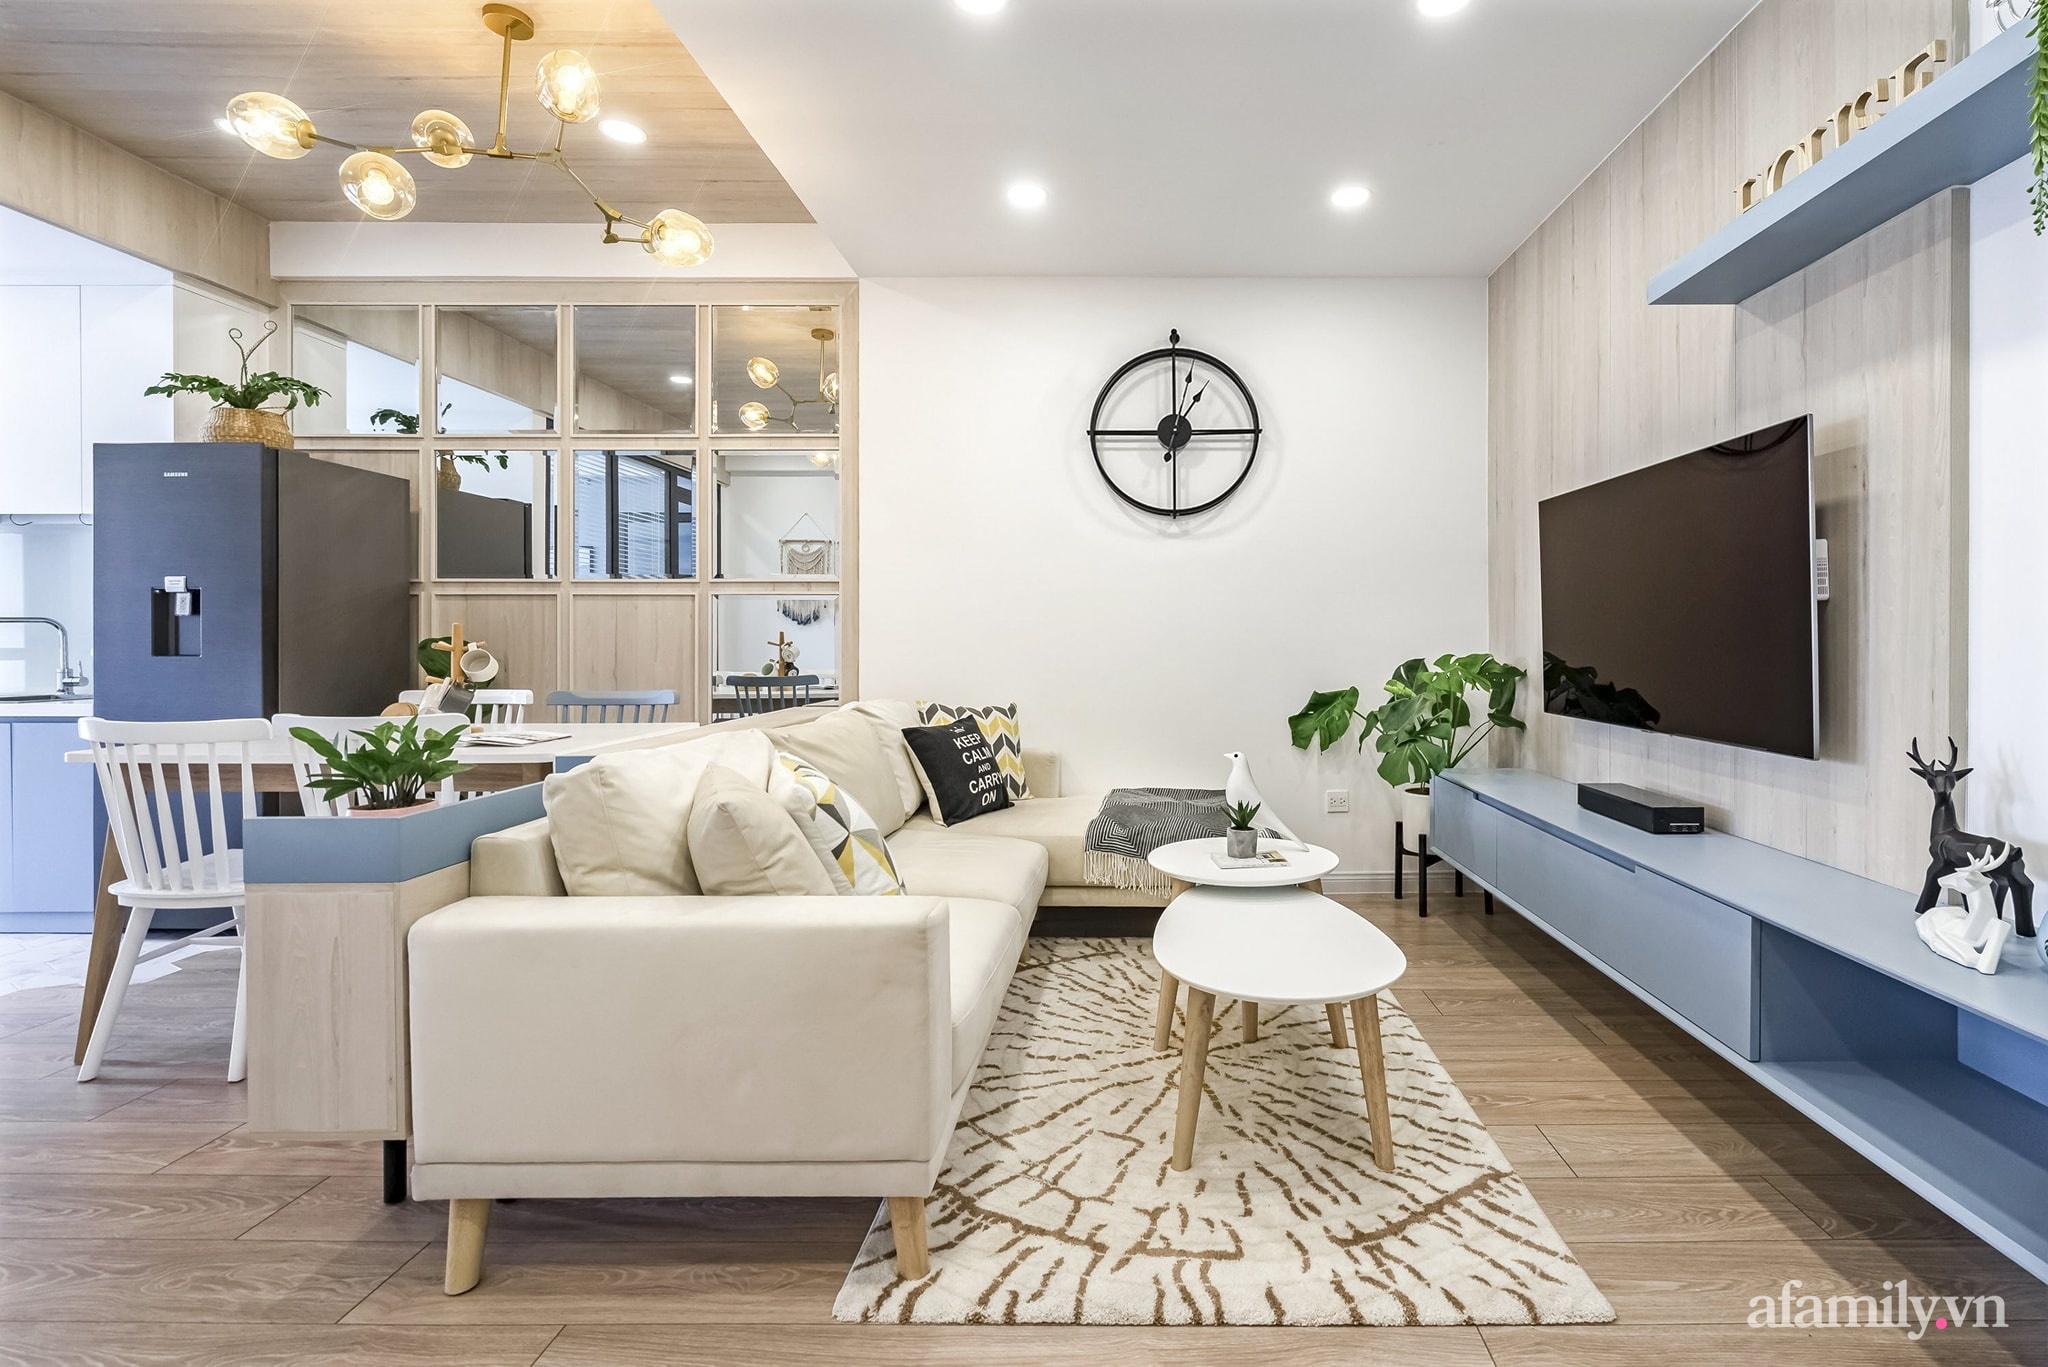 Căn hộ 65m² màu xanh yên bình của chàng trai quyết tâm mua nhà trước tuổi 30 ở Sài Gòn - Ảnh 5.